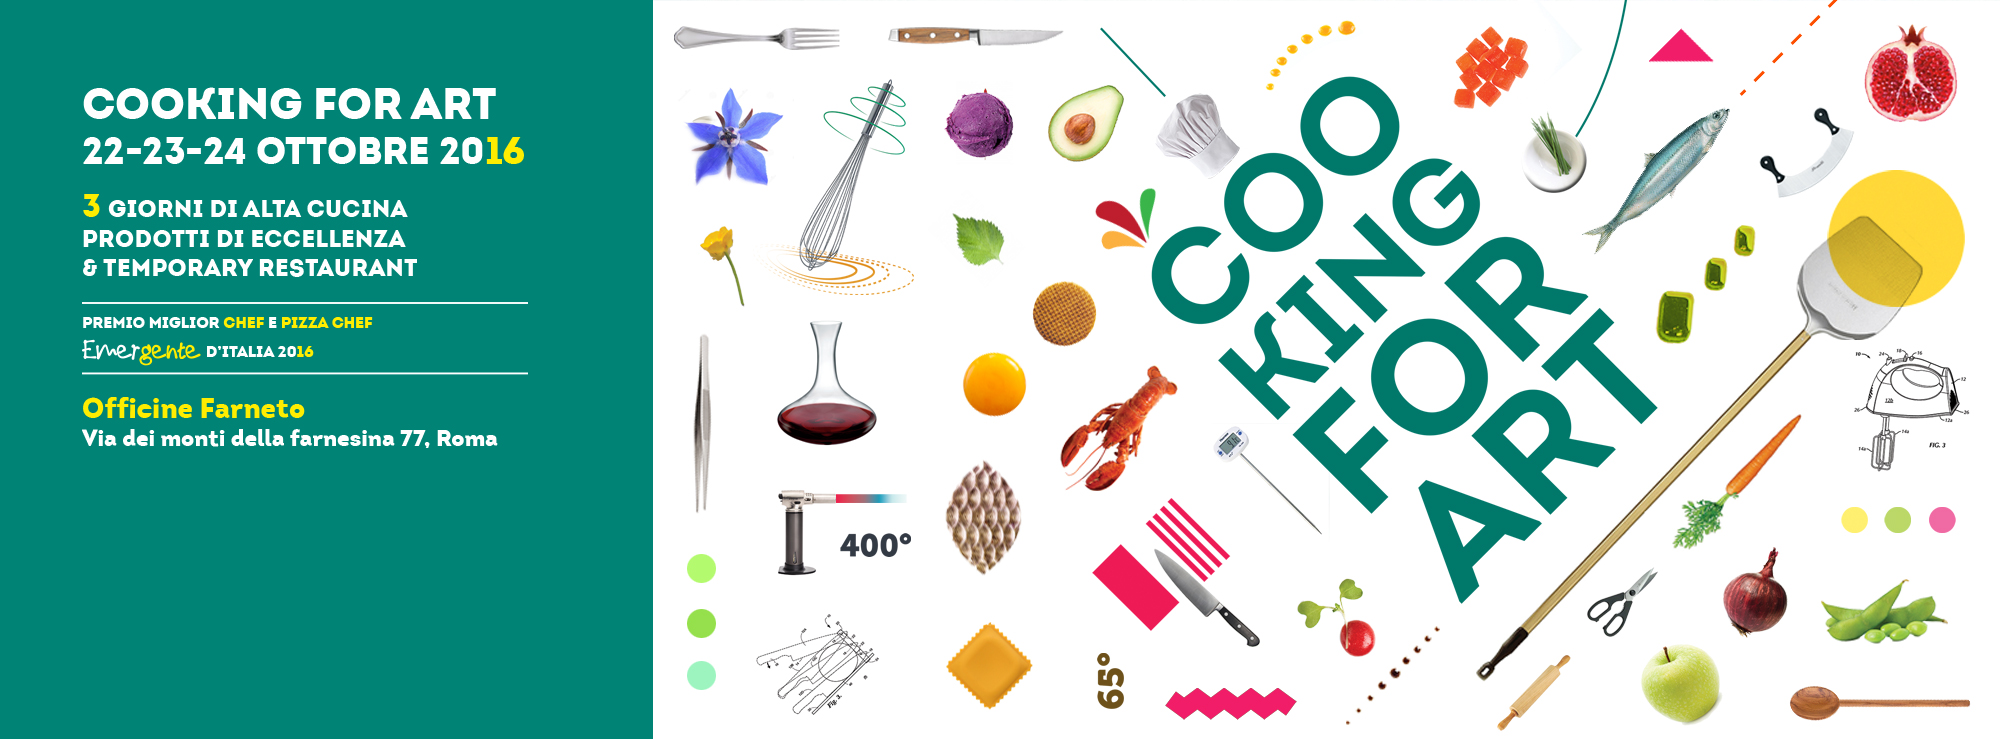 Cooking for Art, chef e pizza chef Emergente d'Italia 2016 (22-23-24 Ottobre, Roma). Il Mercato Cittadino